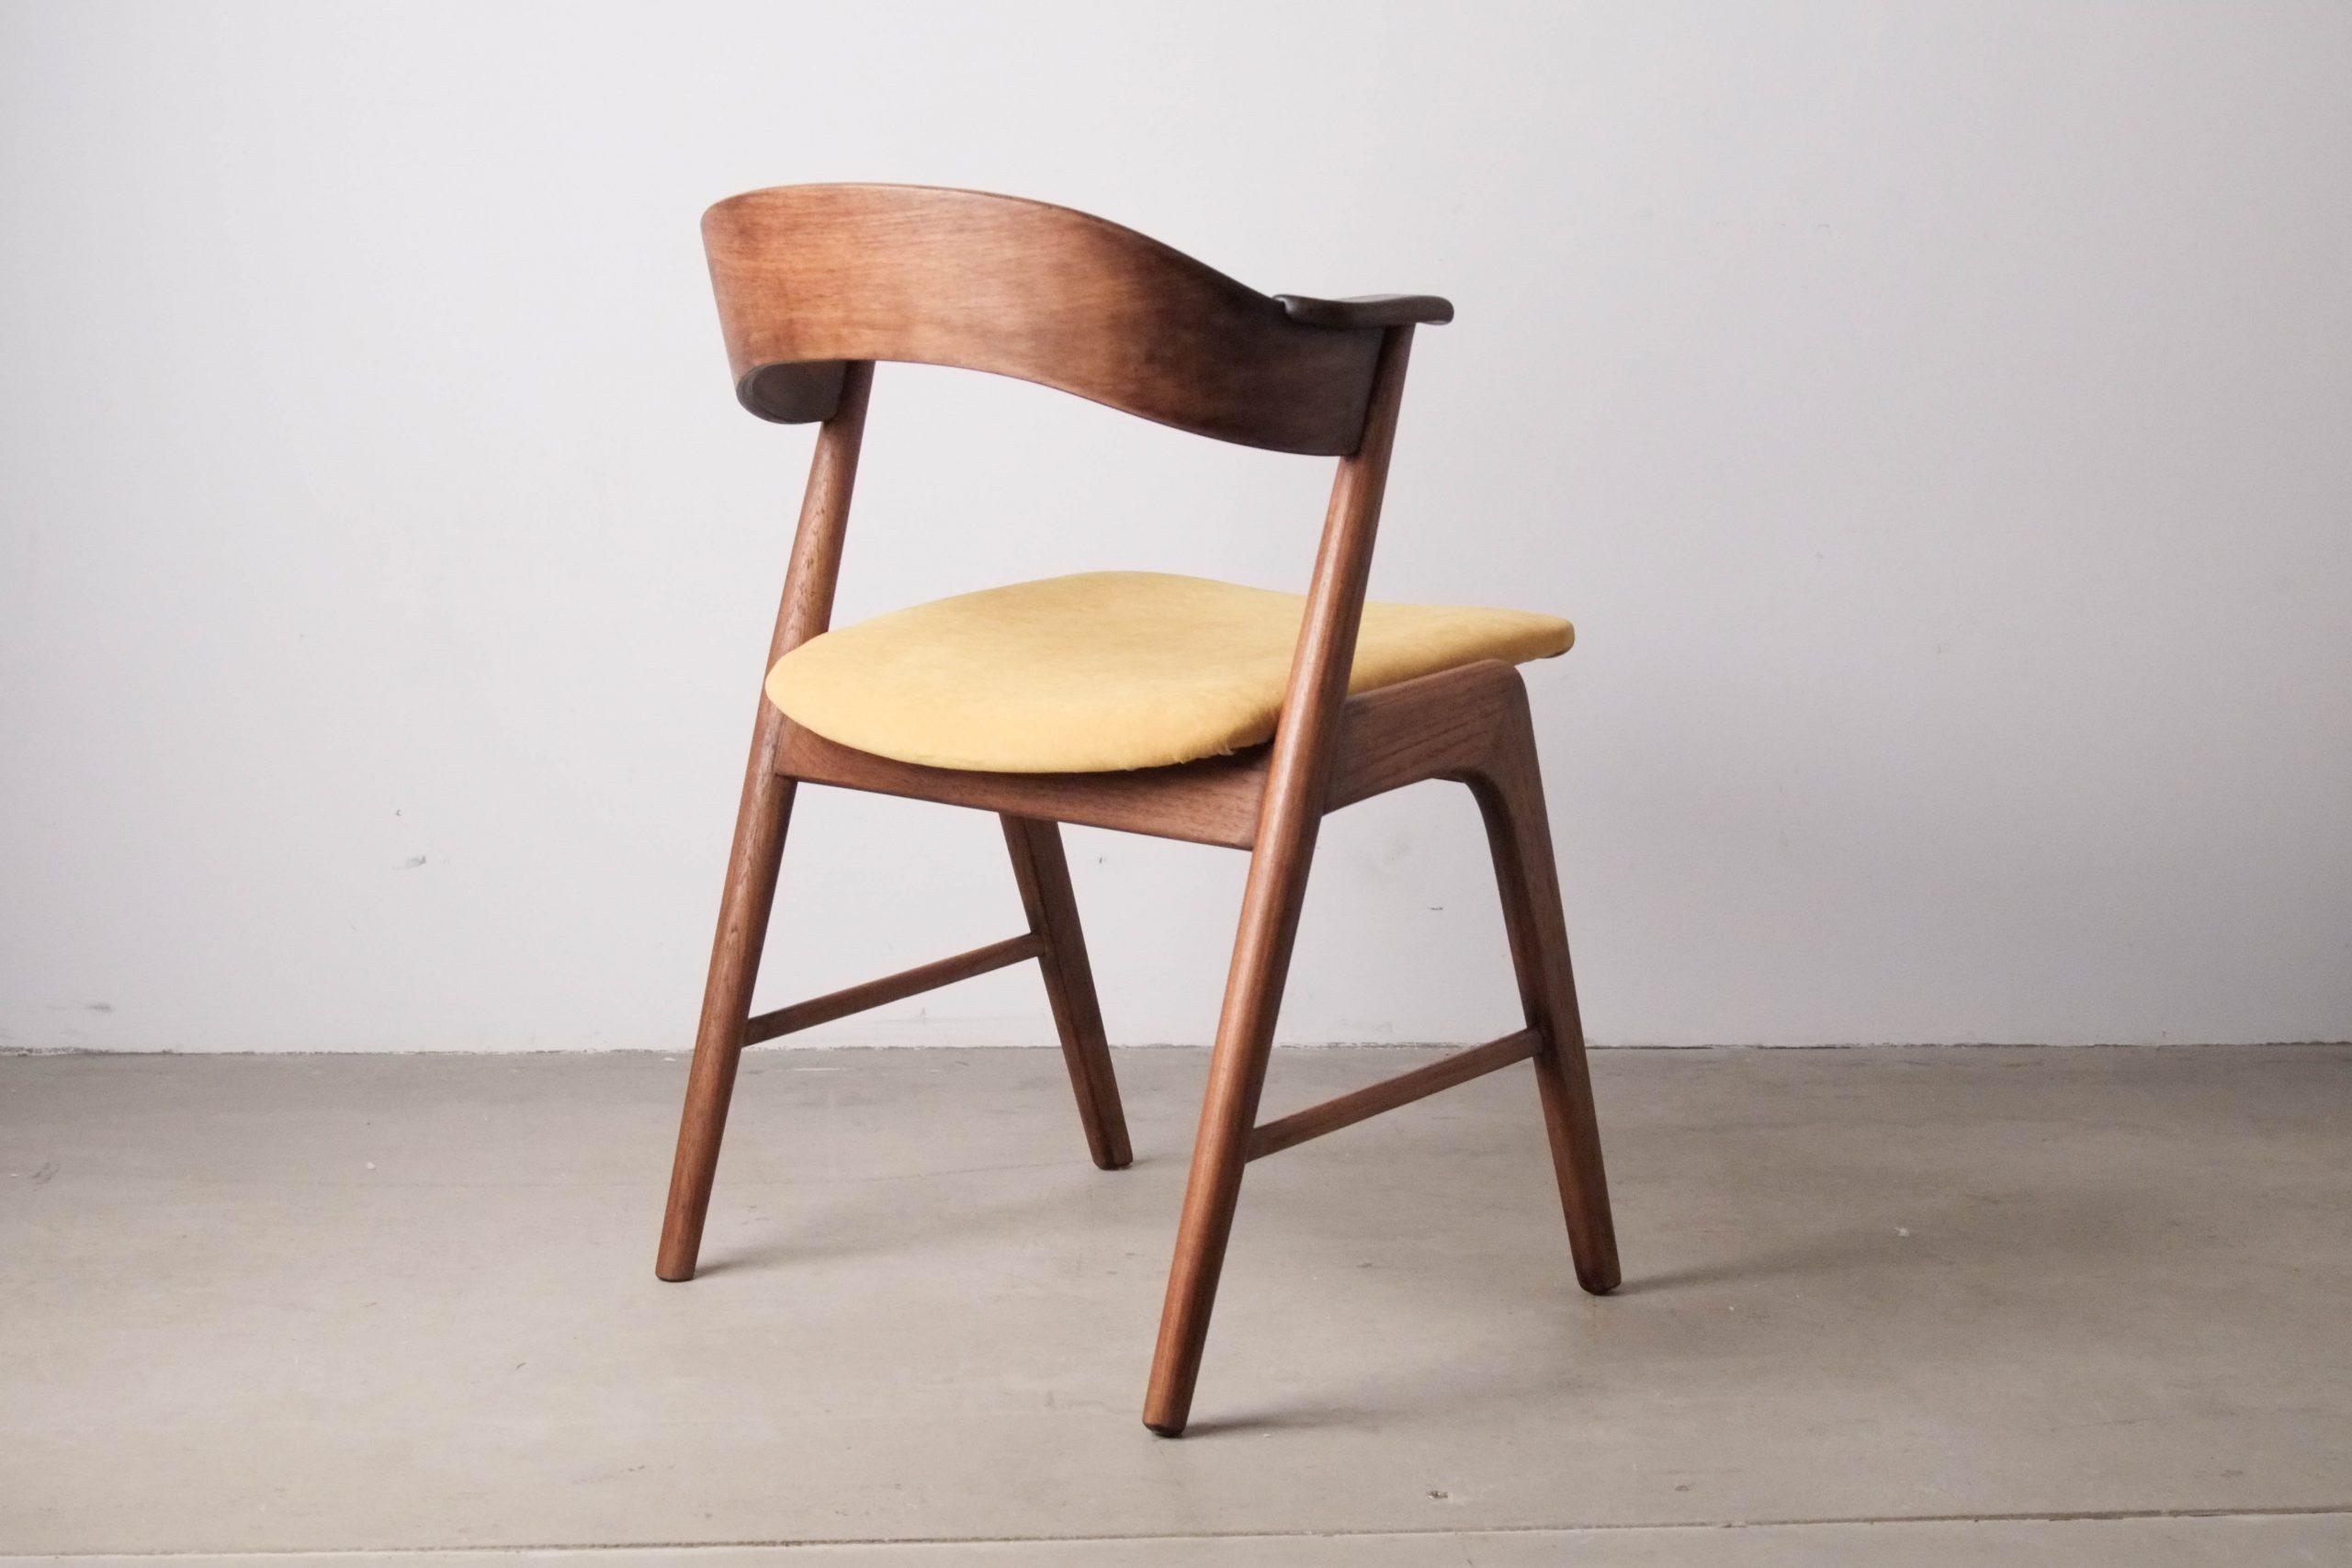 silla comoda tapizada respaldo curvo calidad comoda kai kristiansen